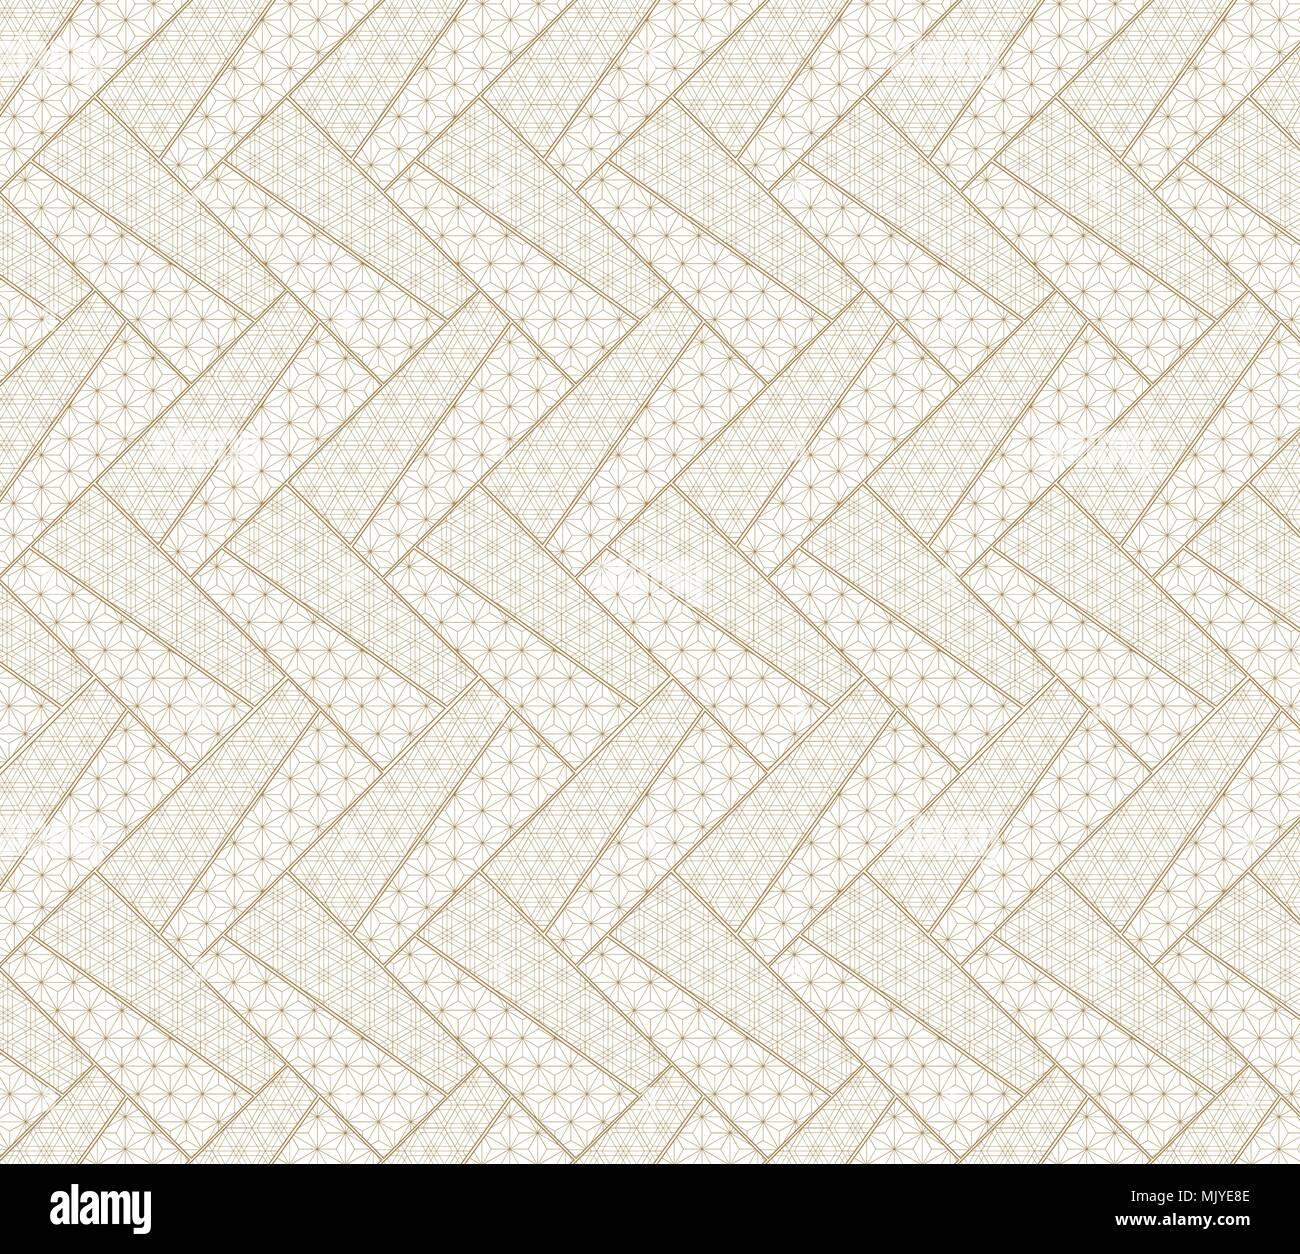 Japanische Muster Vektor Gold Geometrischen Hintergrund Für Die